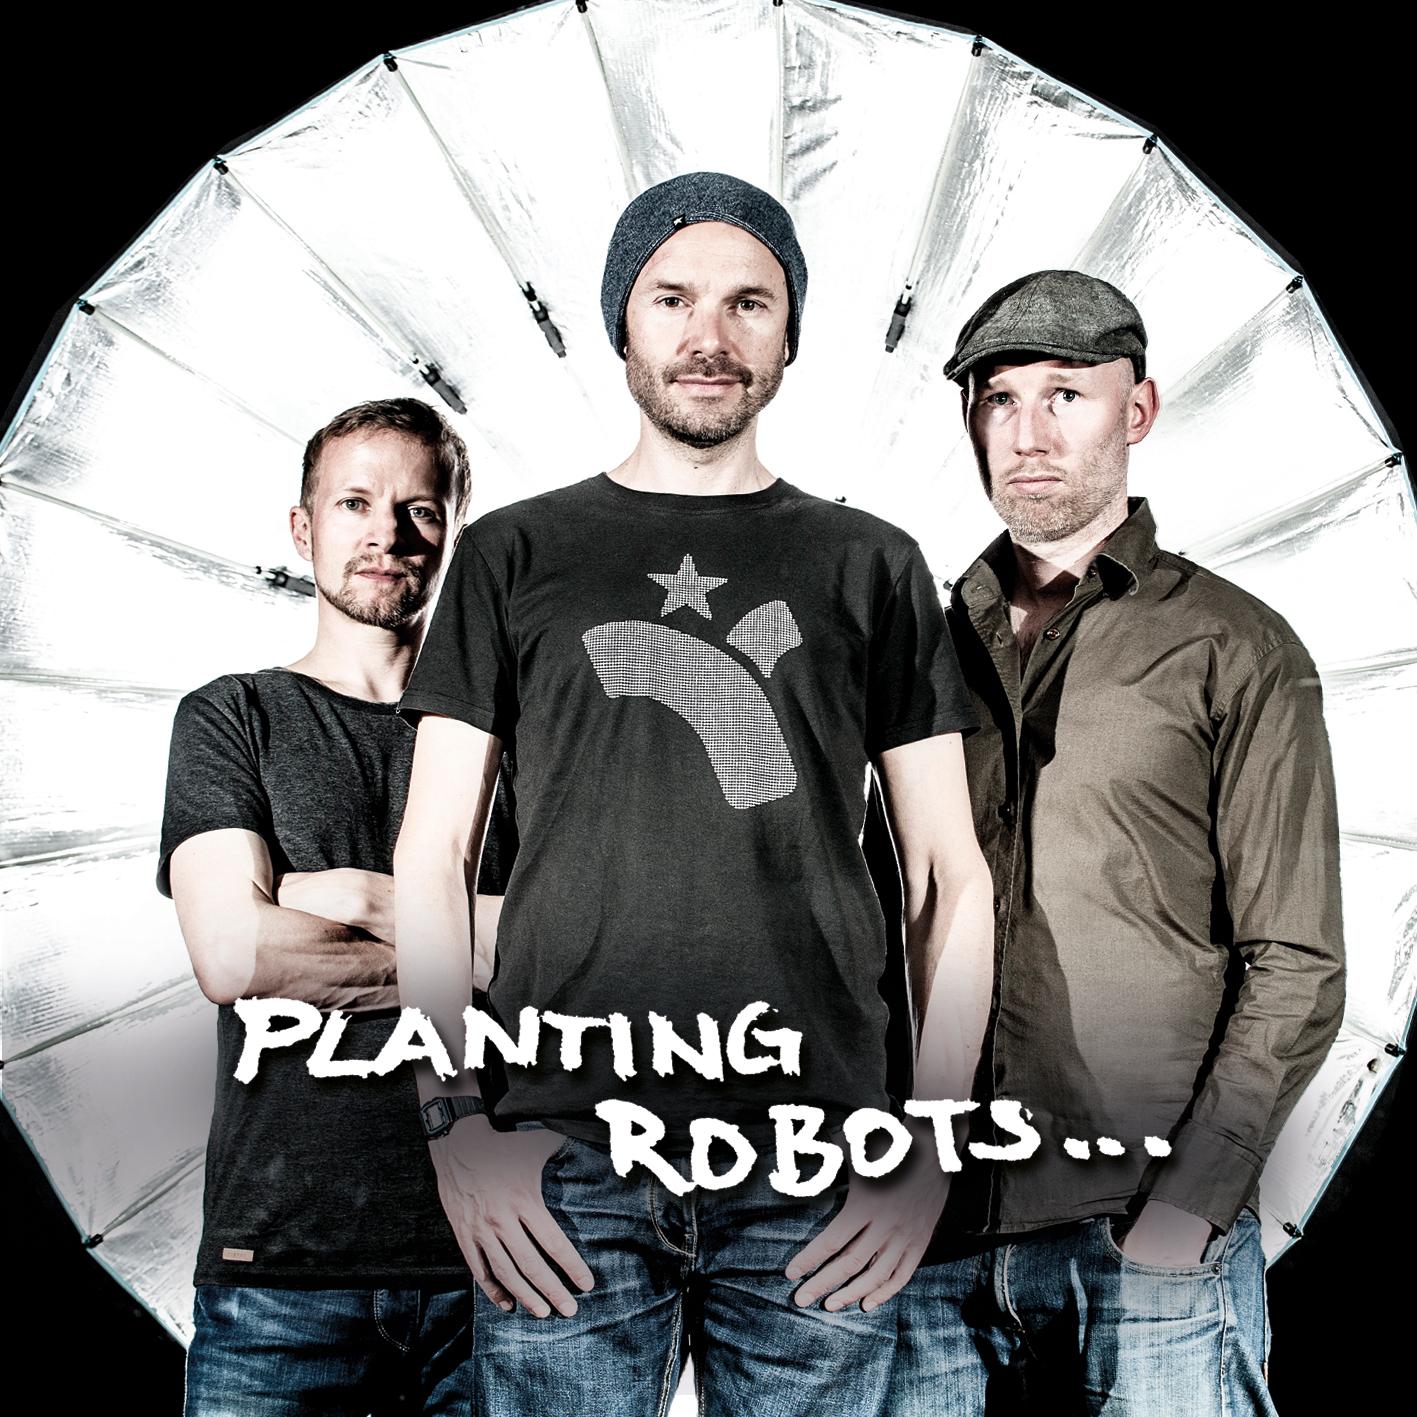 Katrin_Baarth_Werbeschneckenart_Planting_Robots